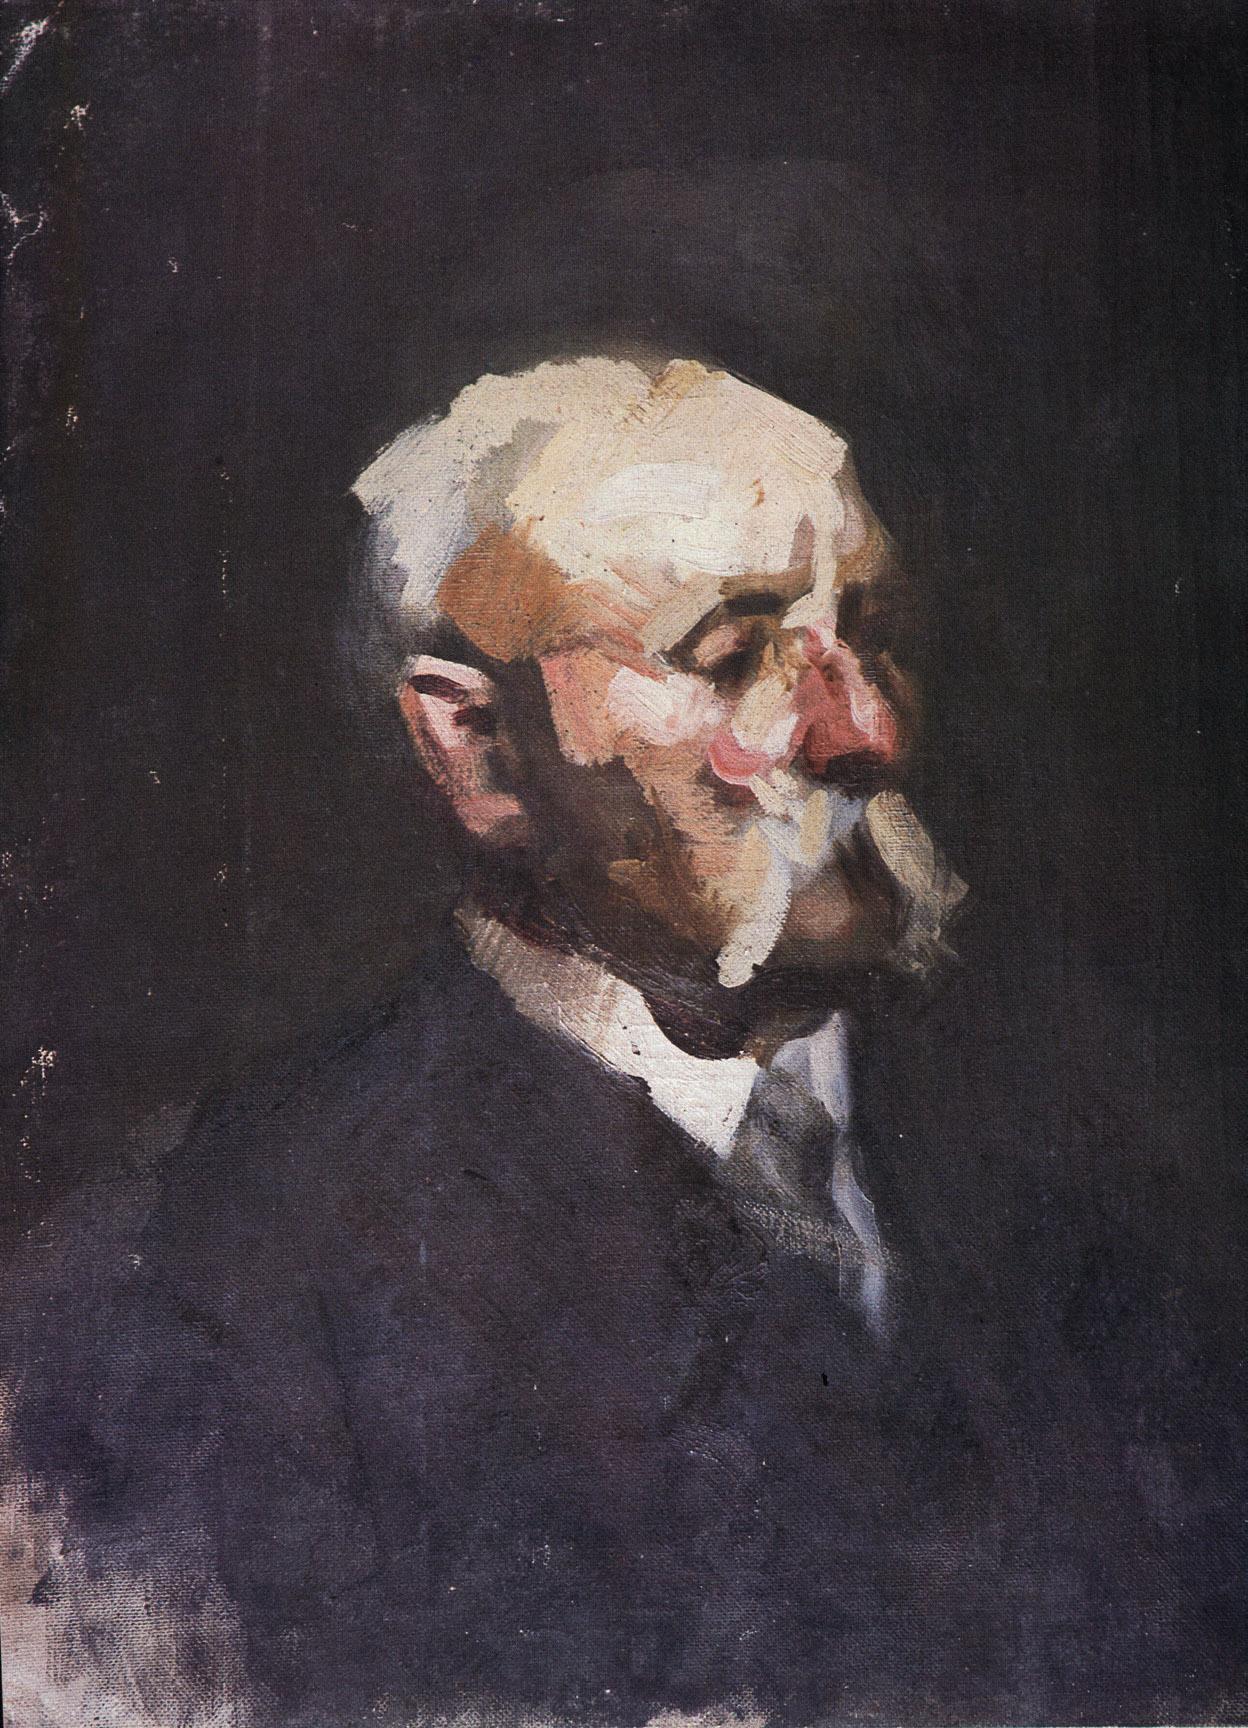 李铁夫《未完成的老人像》 油画 61x48cm 20c30年代 广州美术学院美术馆藏